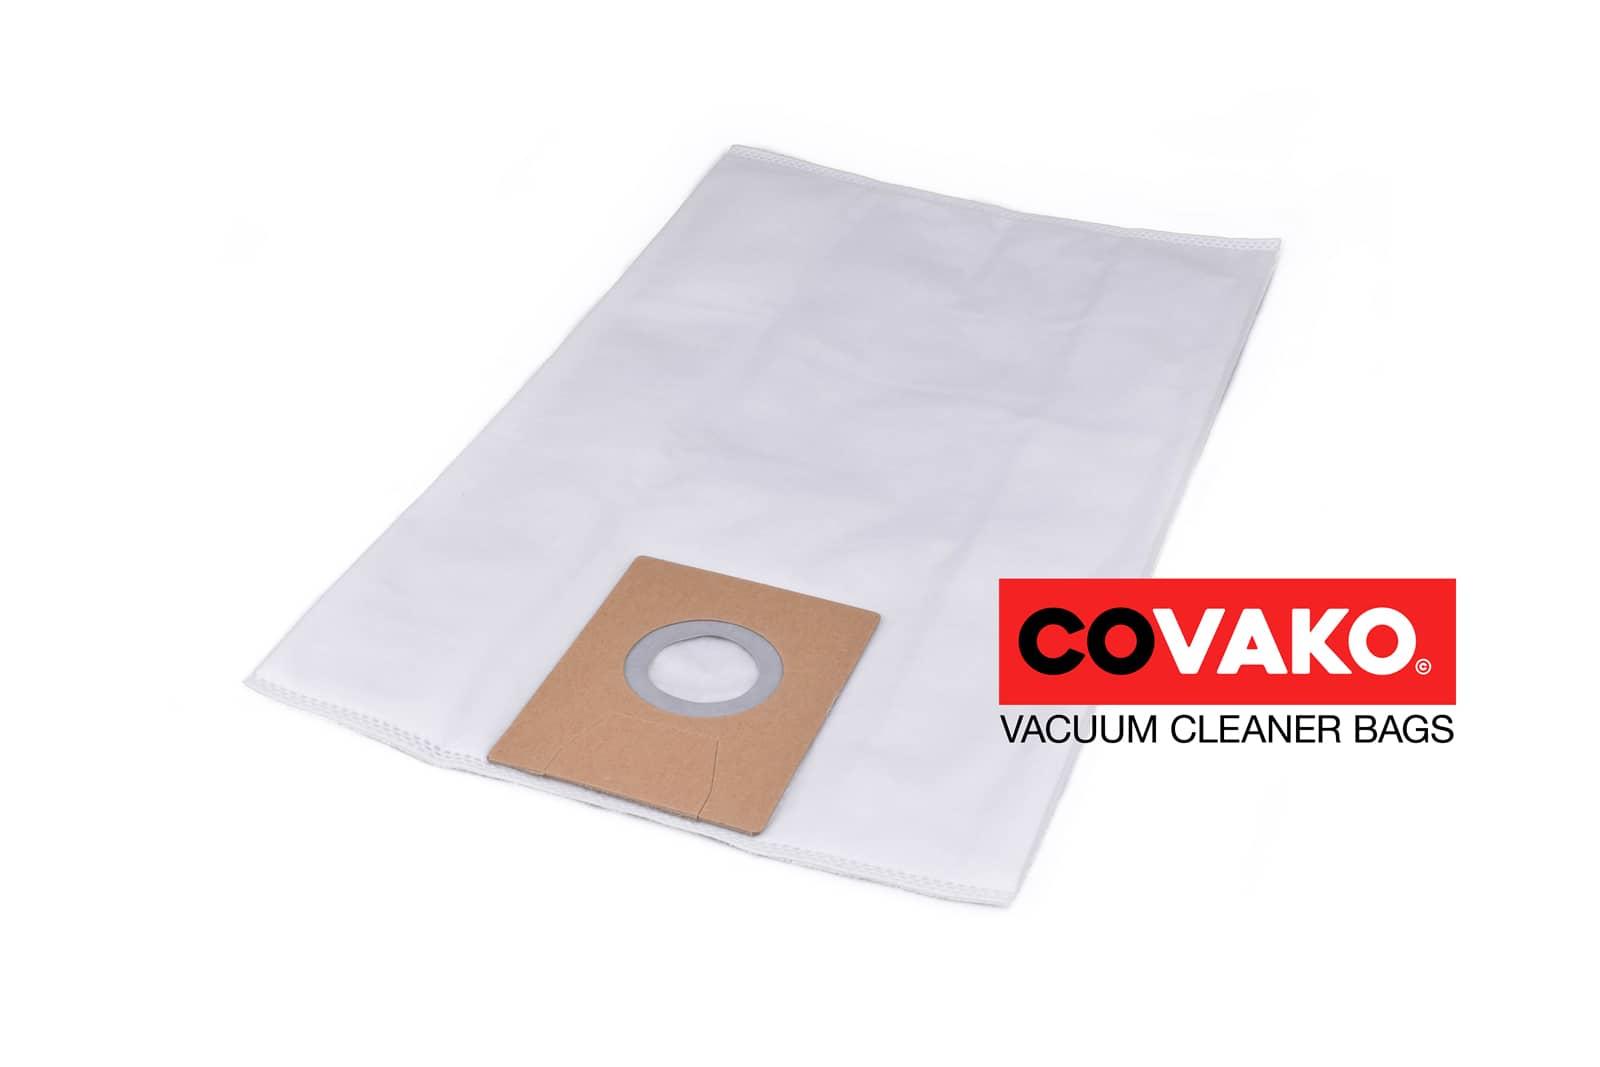 Fast K103200941 / Synthétique - Fast sacs d'aspirateur